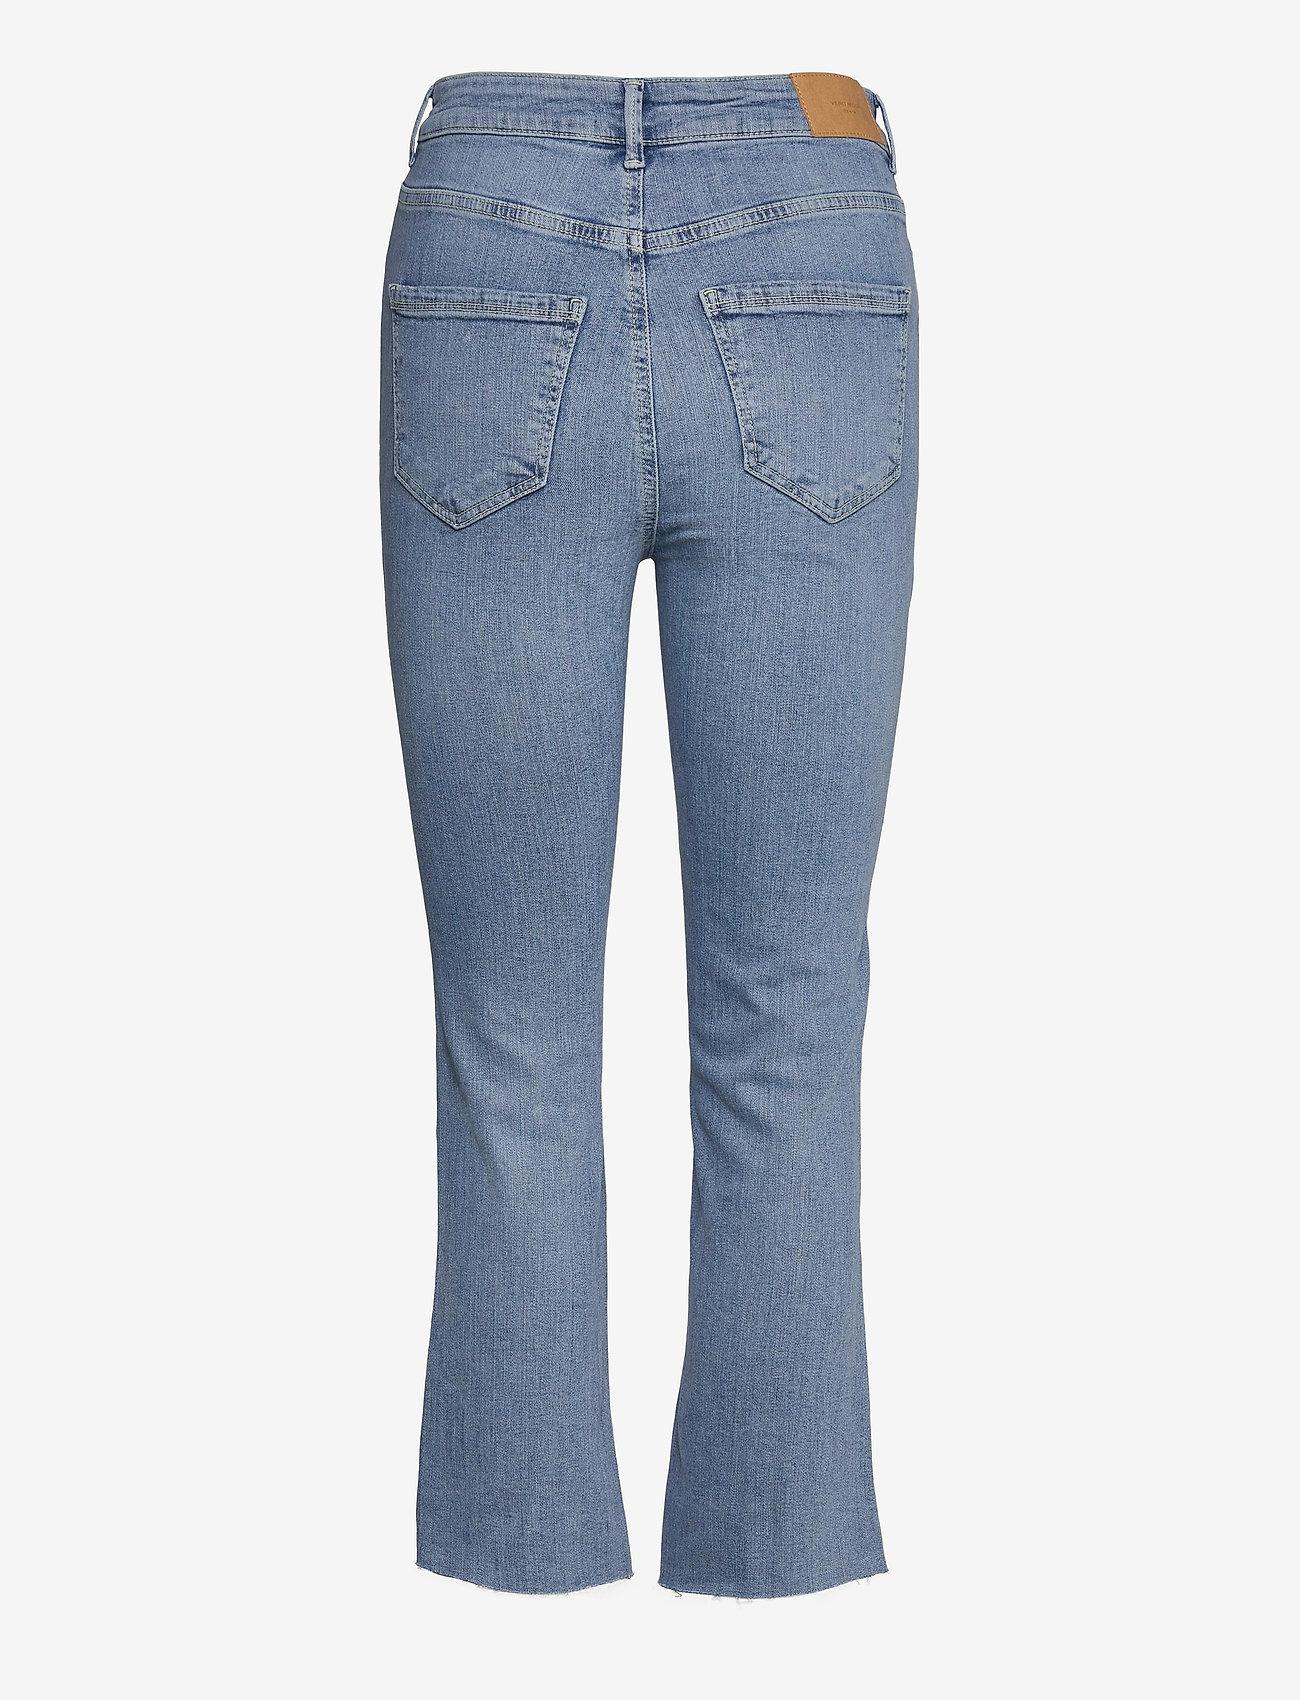 Vero Moda - VMSTELLA HR KICK FLARE JEANS BA3121 - utsvängda jeans - light blue denim - 1